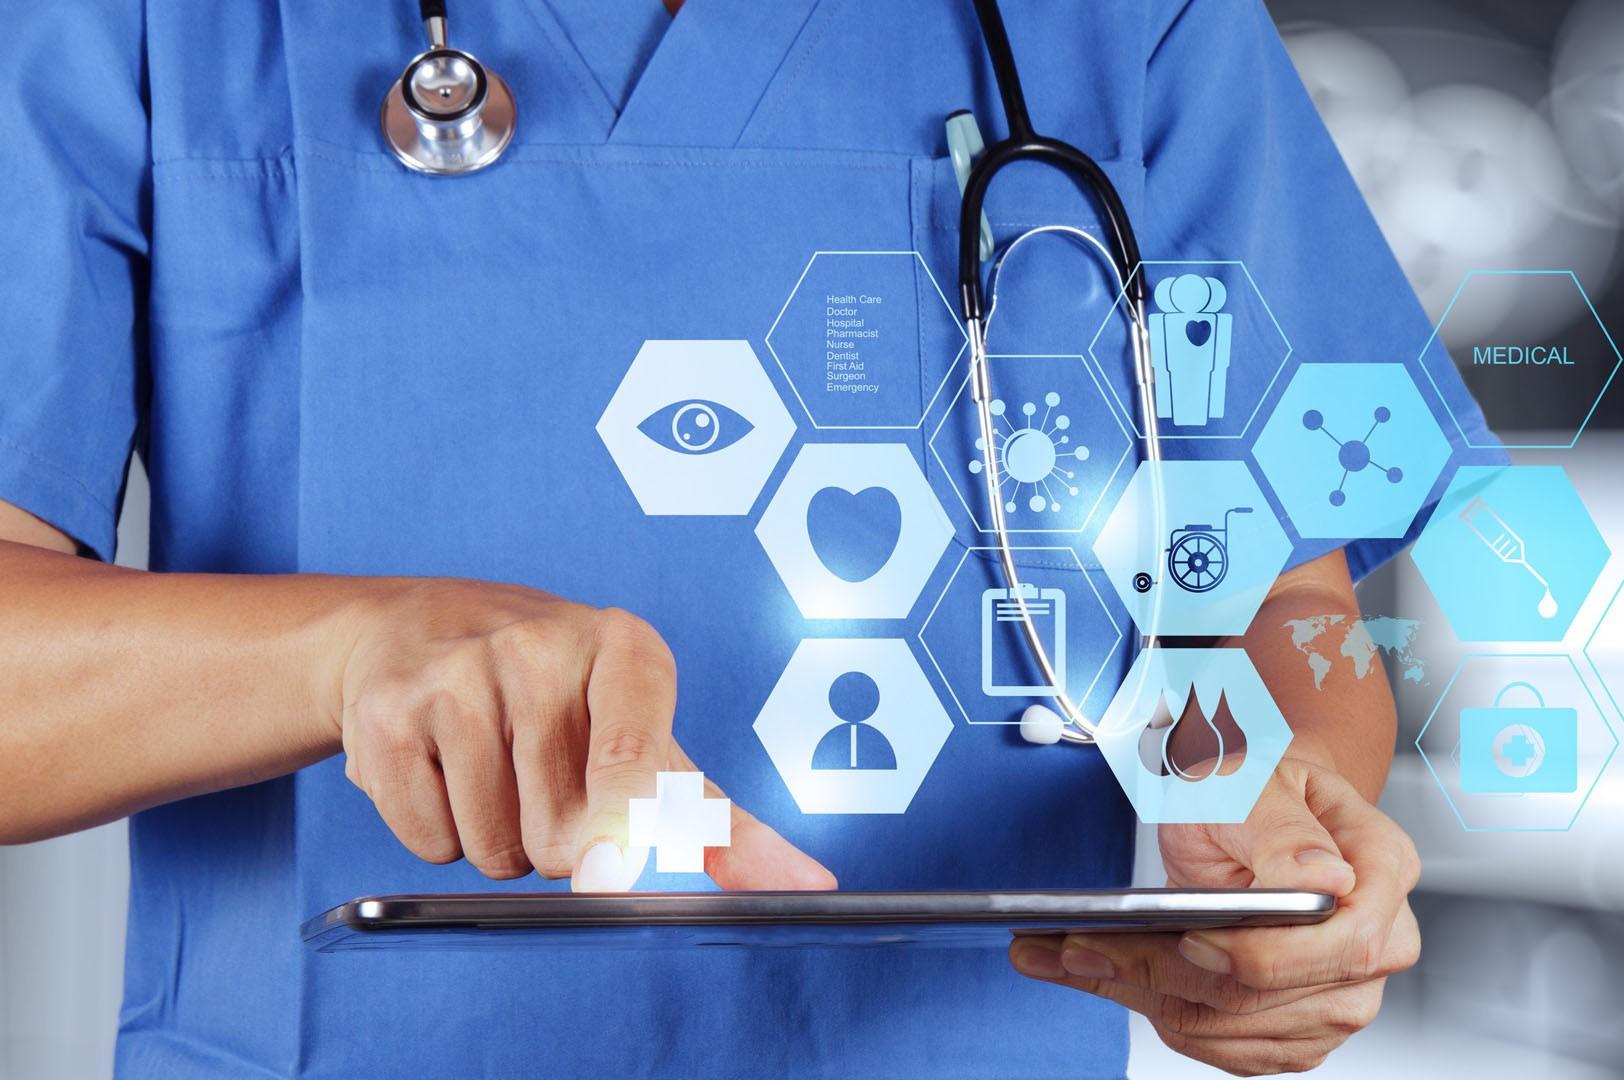 Bild zum Beitrag 'Warum Digitalisierung im Gesundheitswesen so wichtig ist'